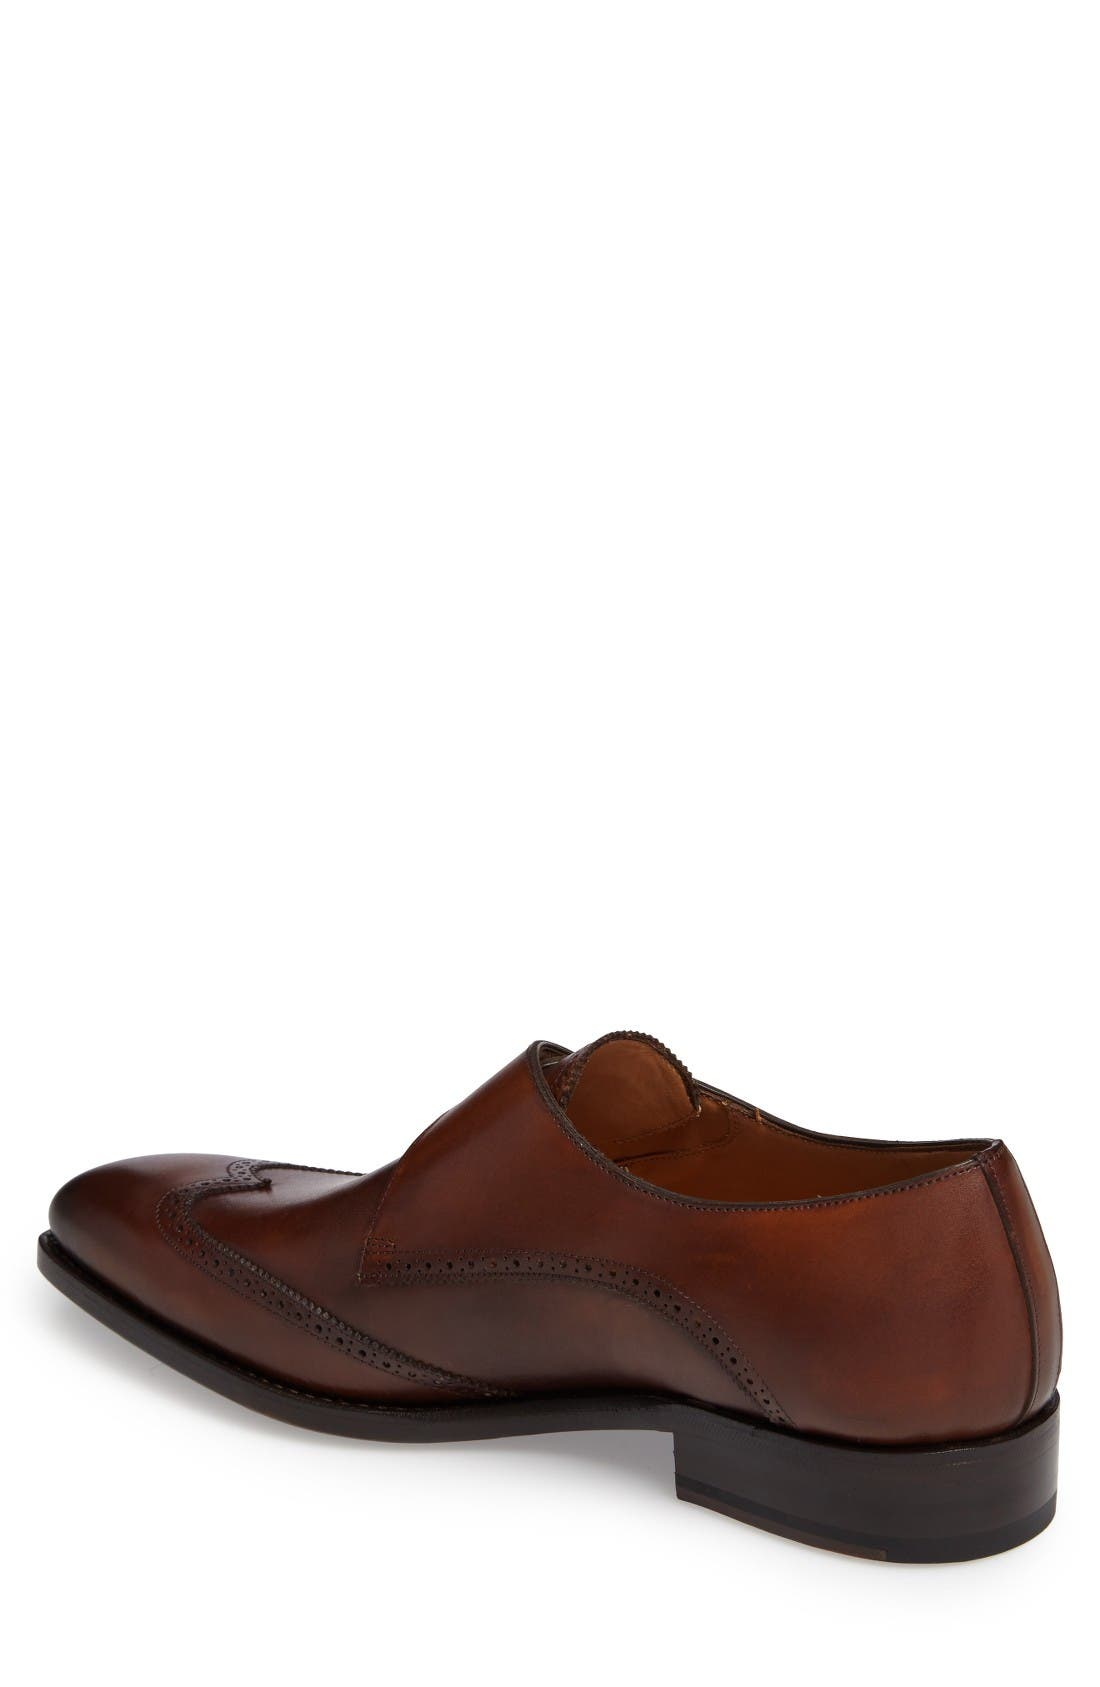 Alternate Image 2  - Impronta by Mezlan G121 Wingtip Monk Strap Shoe (Men)